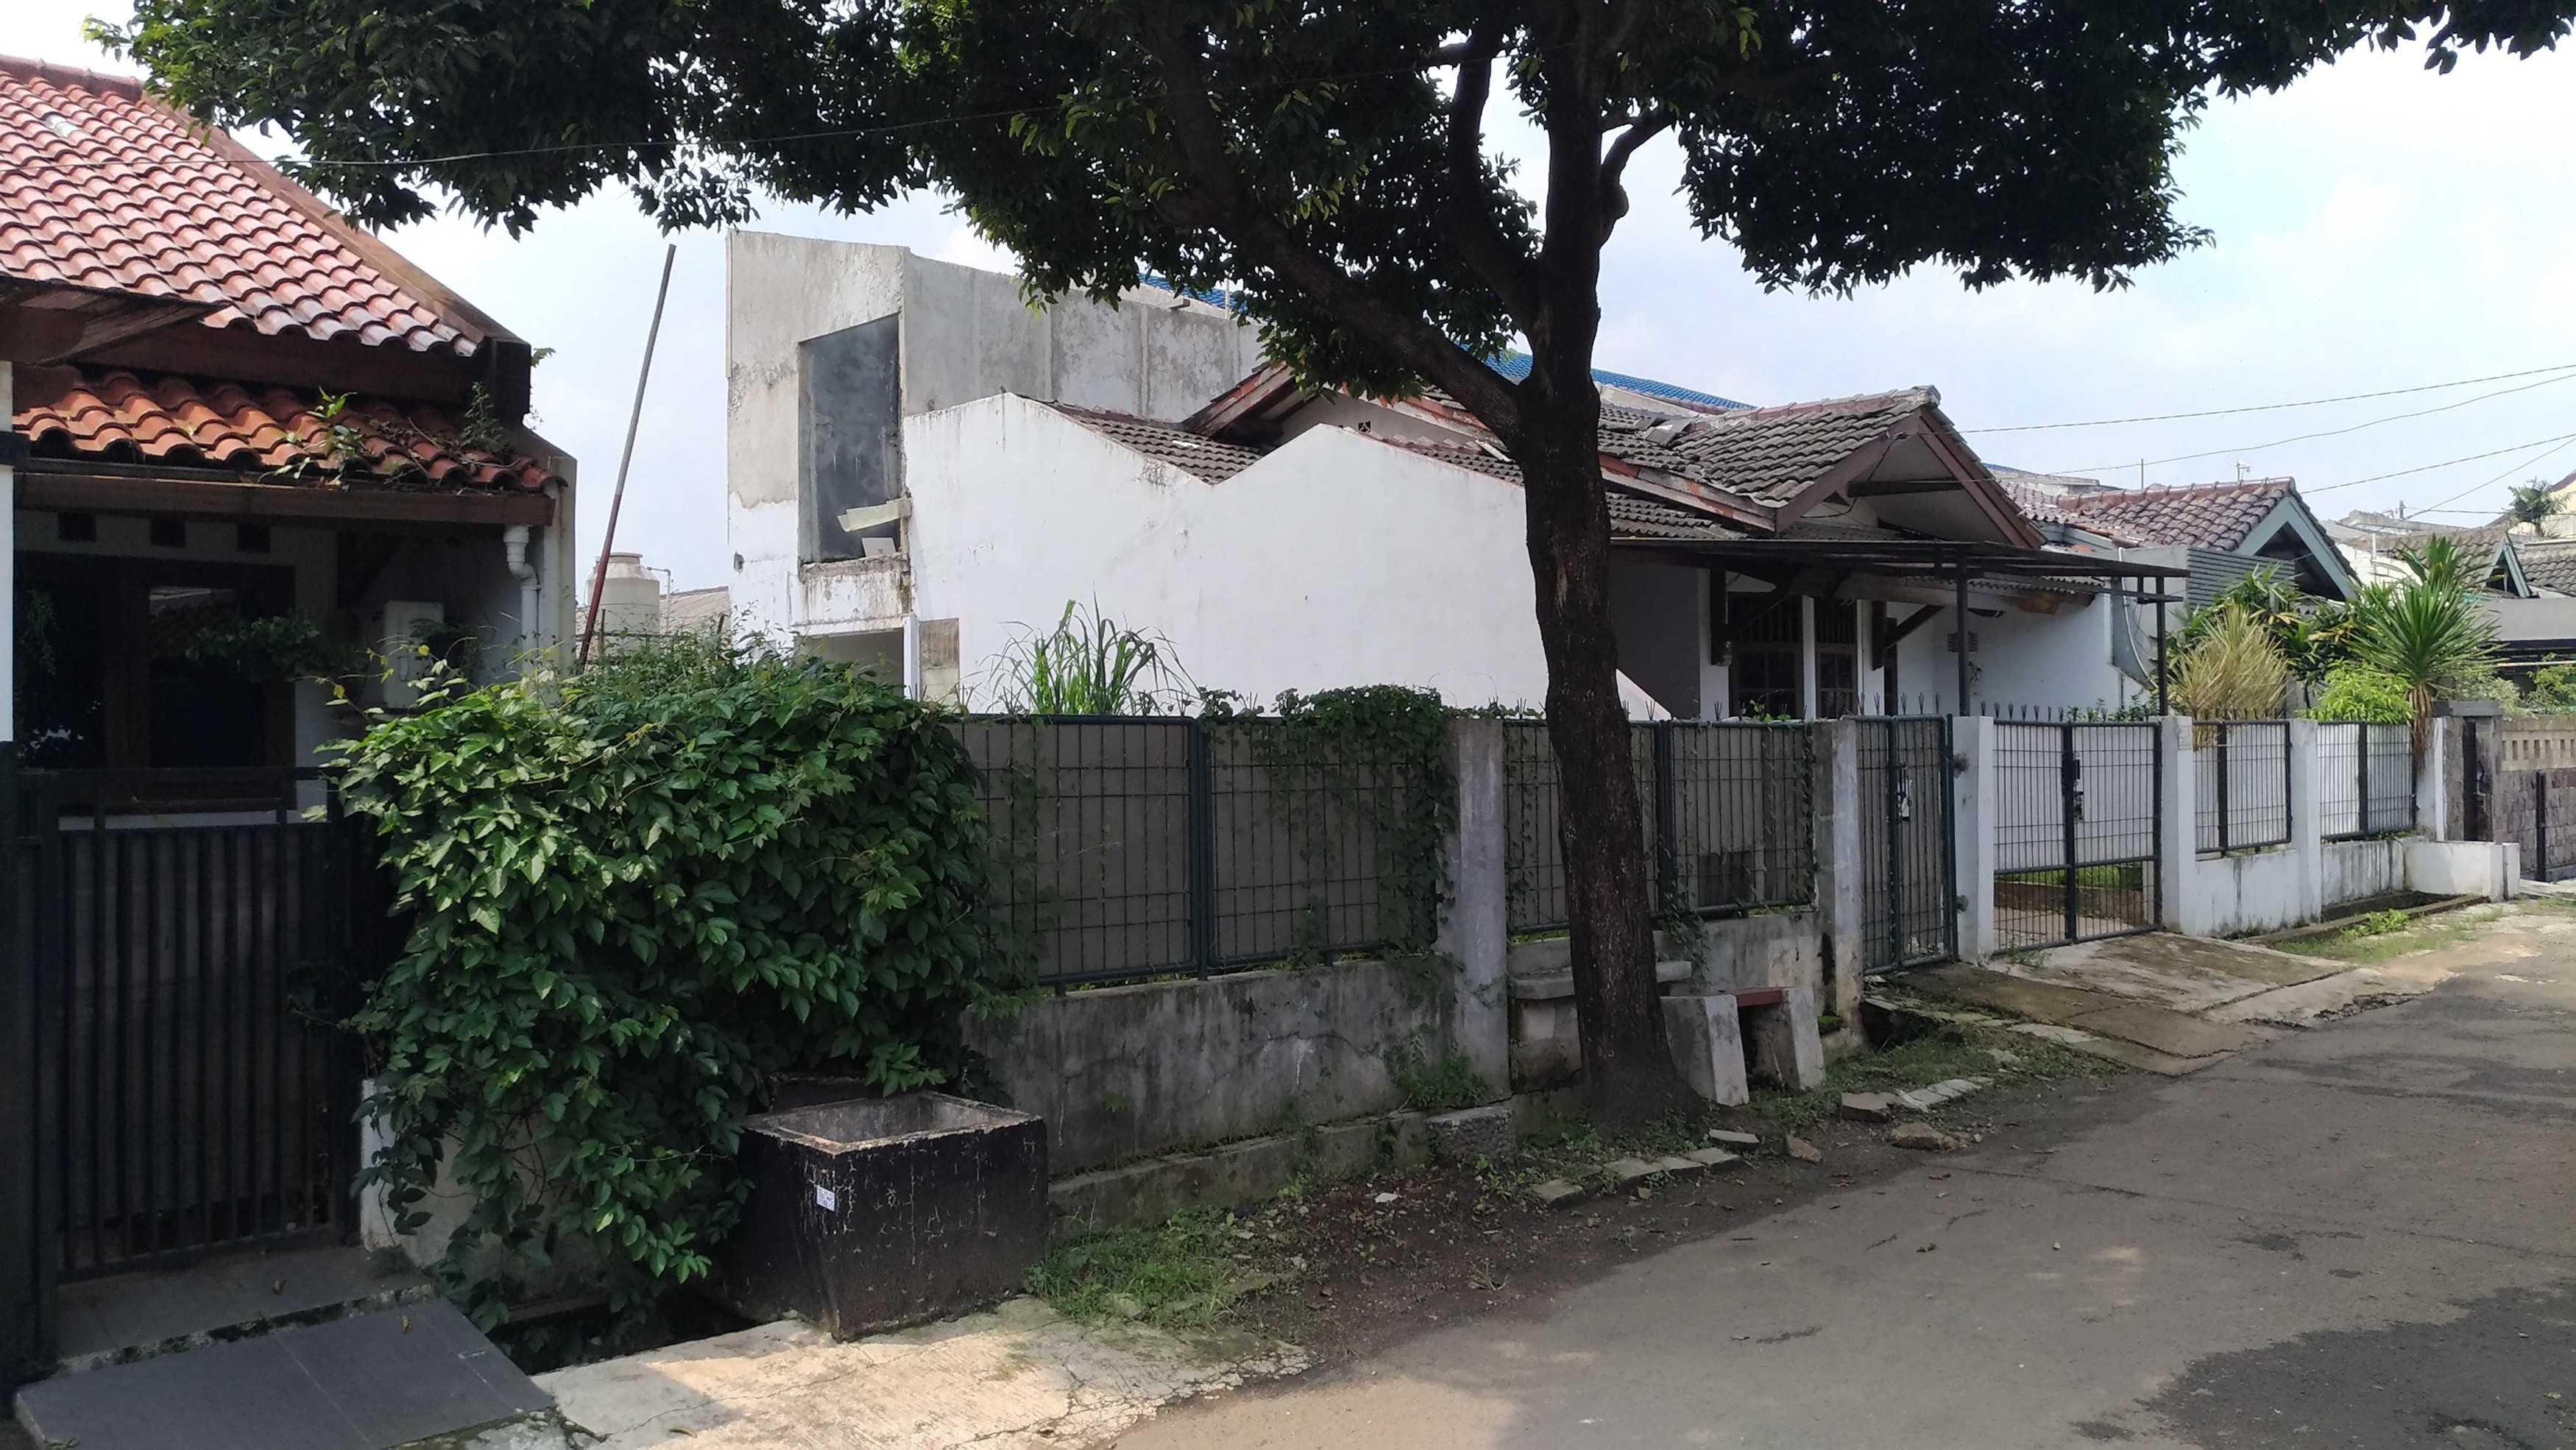 Mahastudio & Partner Renovasi Rumah Beiji Depok City, West Java, Indonesia Depok City, West Java, Indonesia Eksisting Tropis  33345